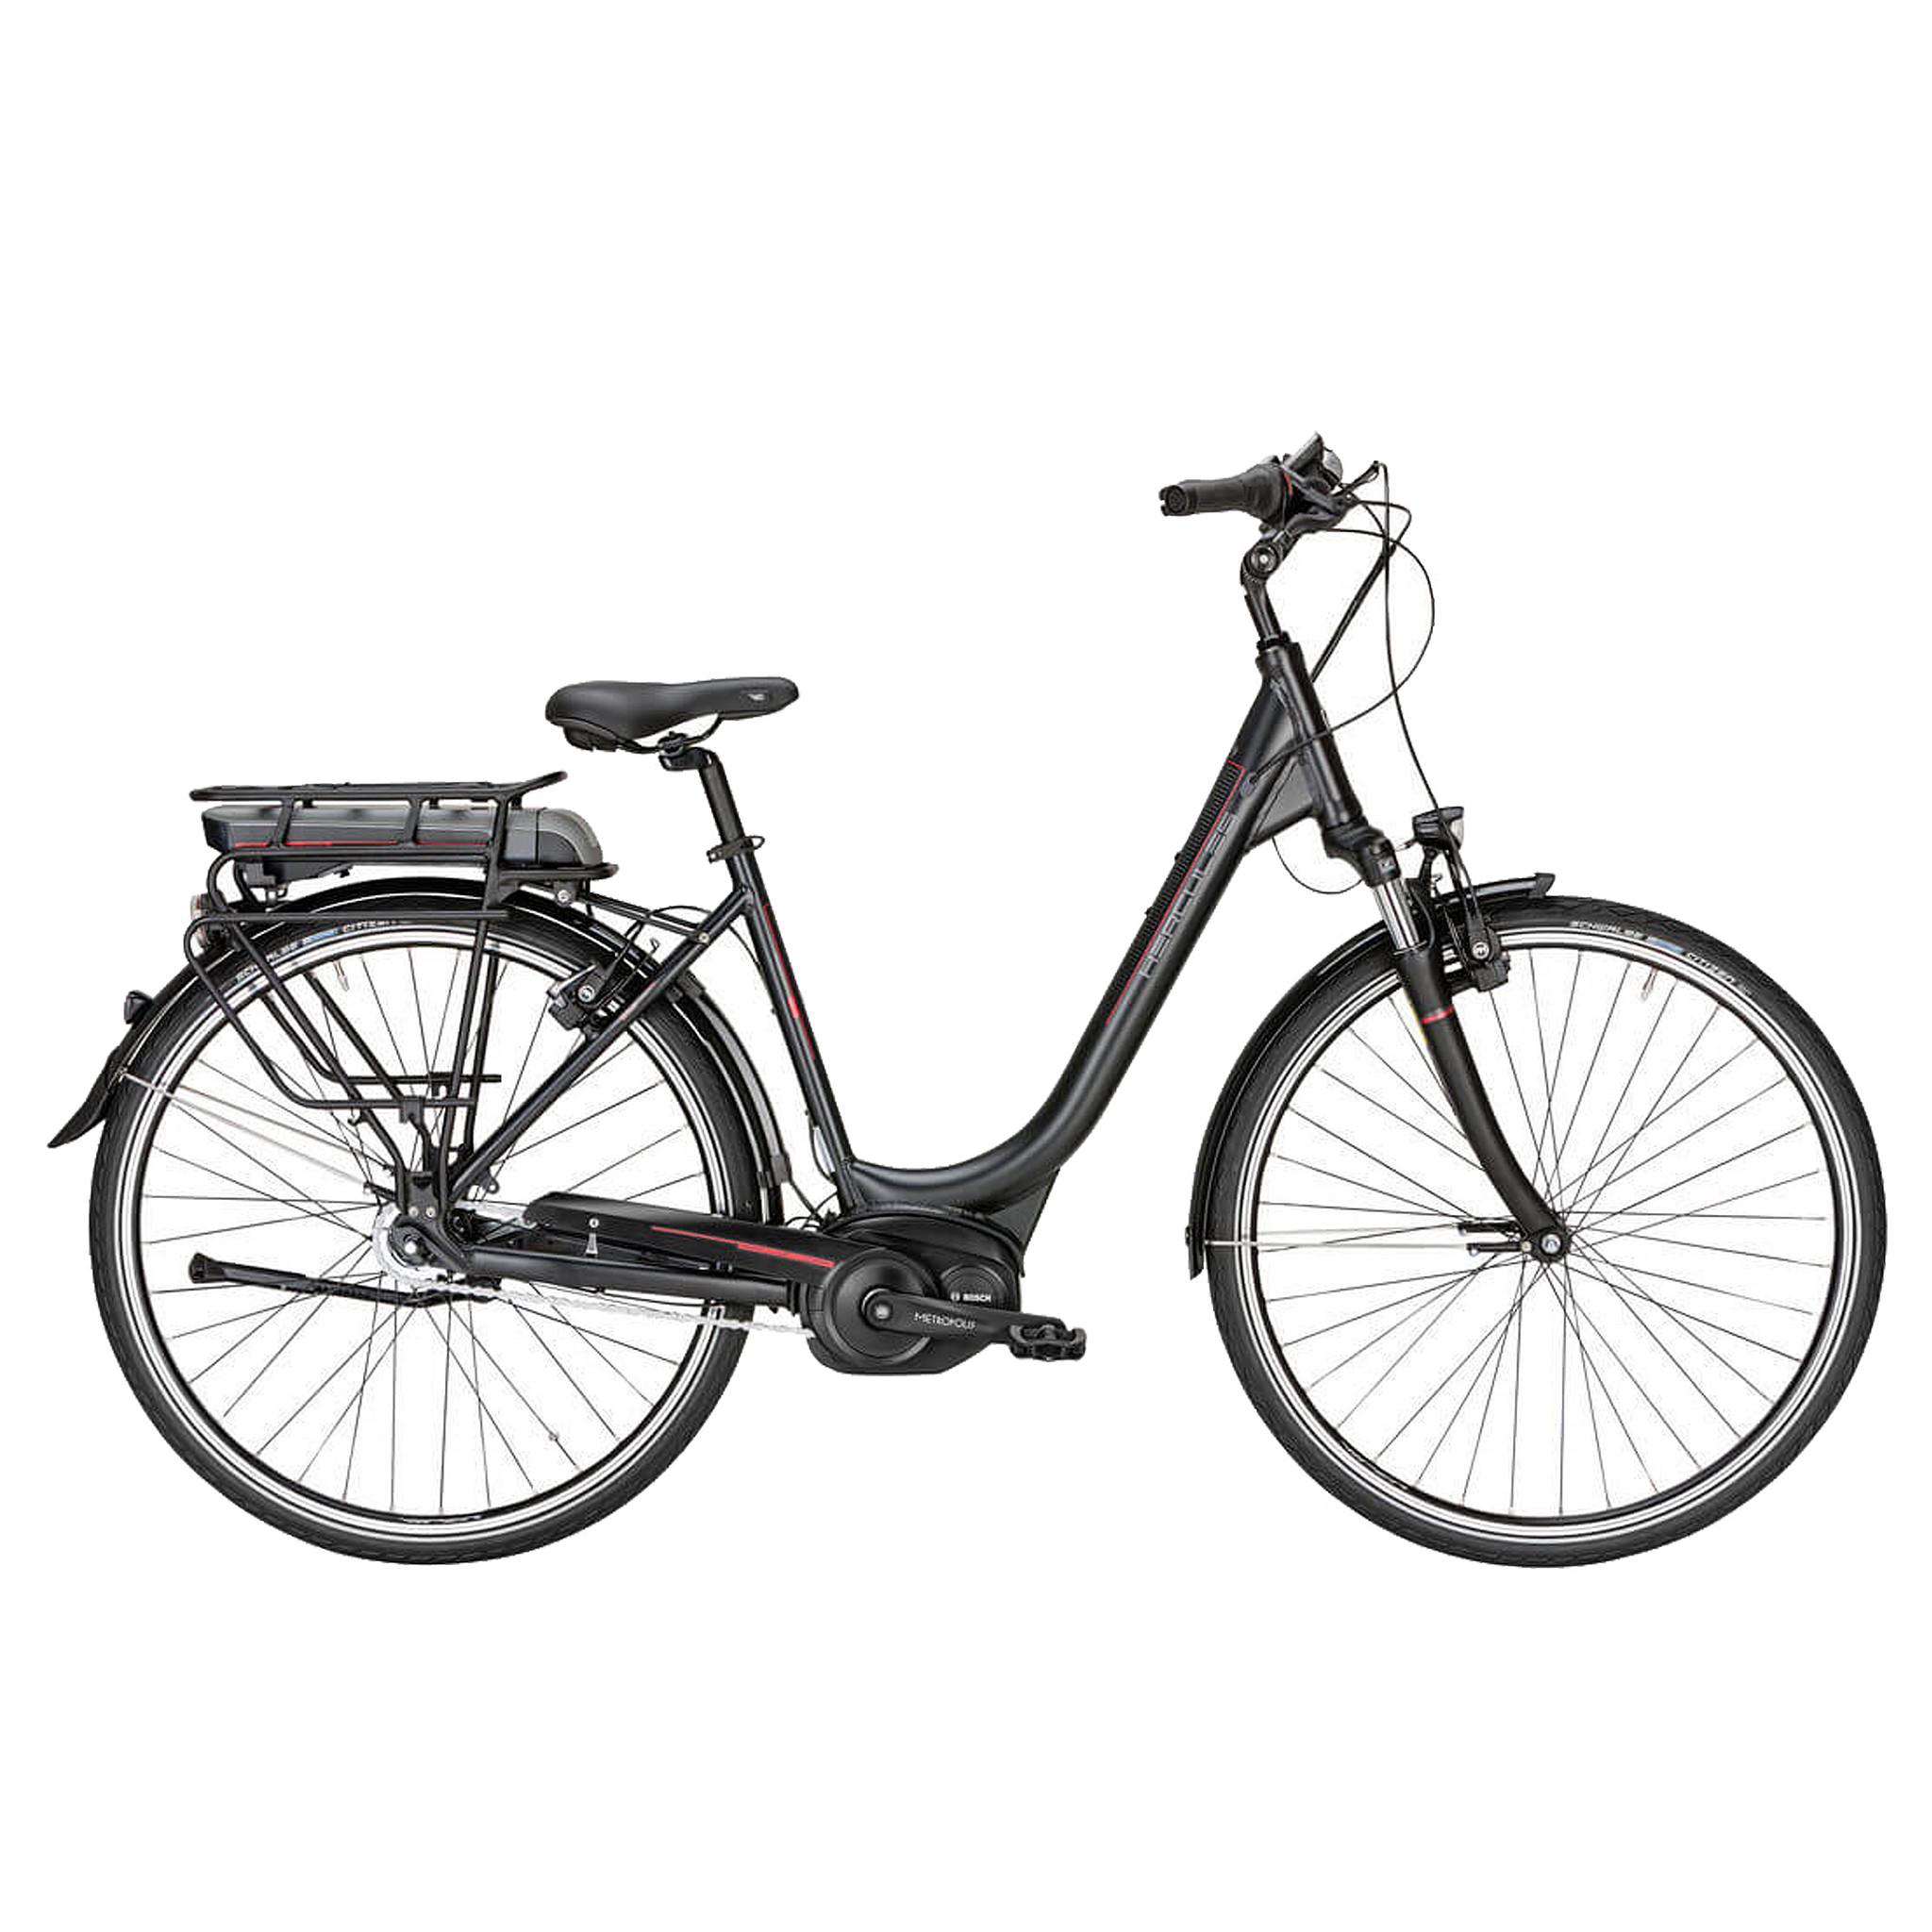 Hercules Elektrische fiets Roberta F7 dames mat zwart 50cm 288 Watt Zwart